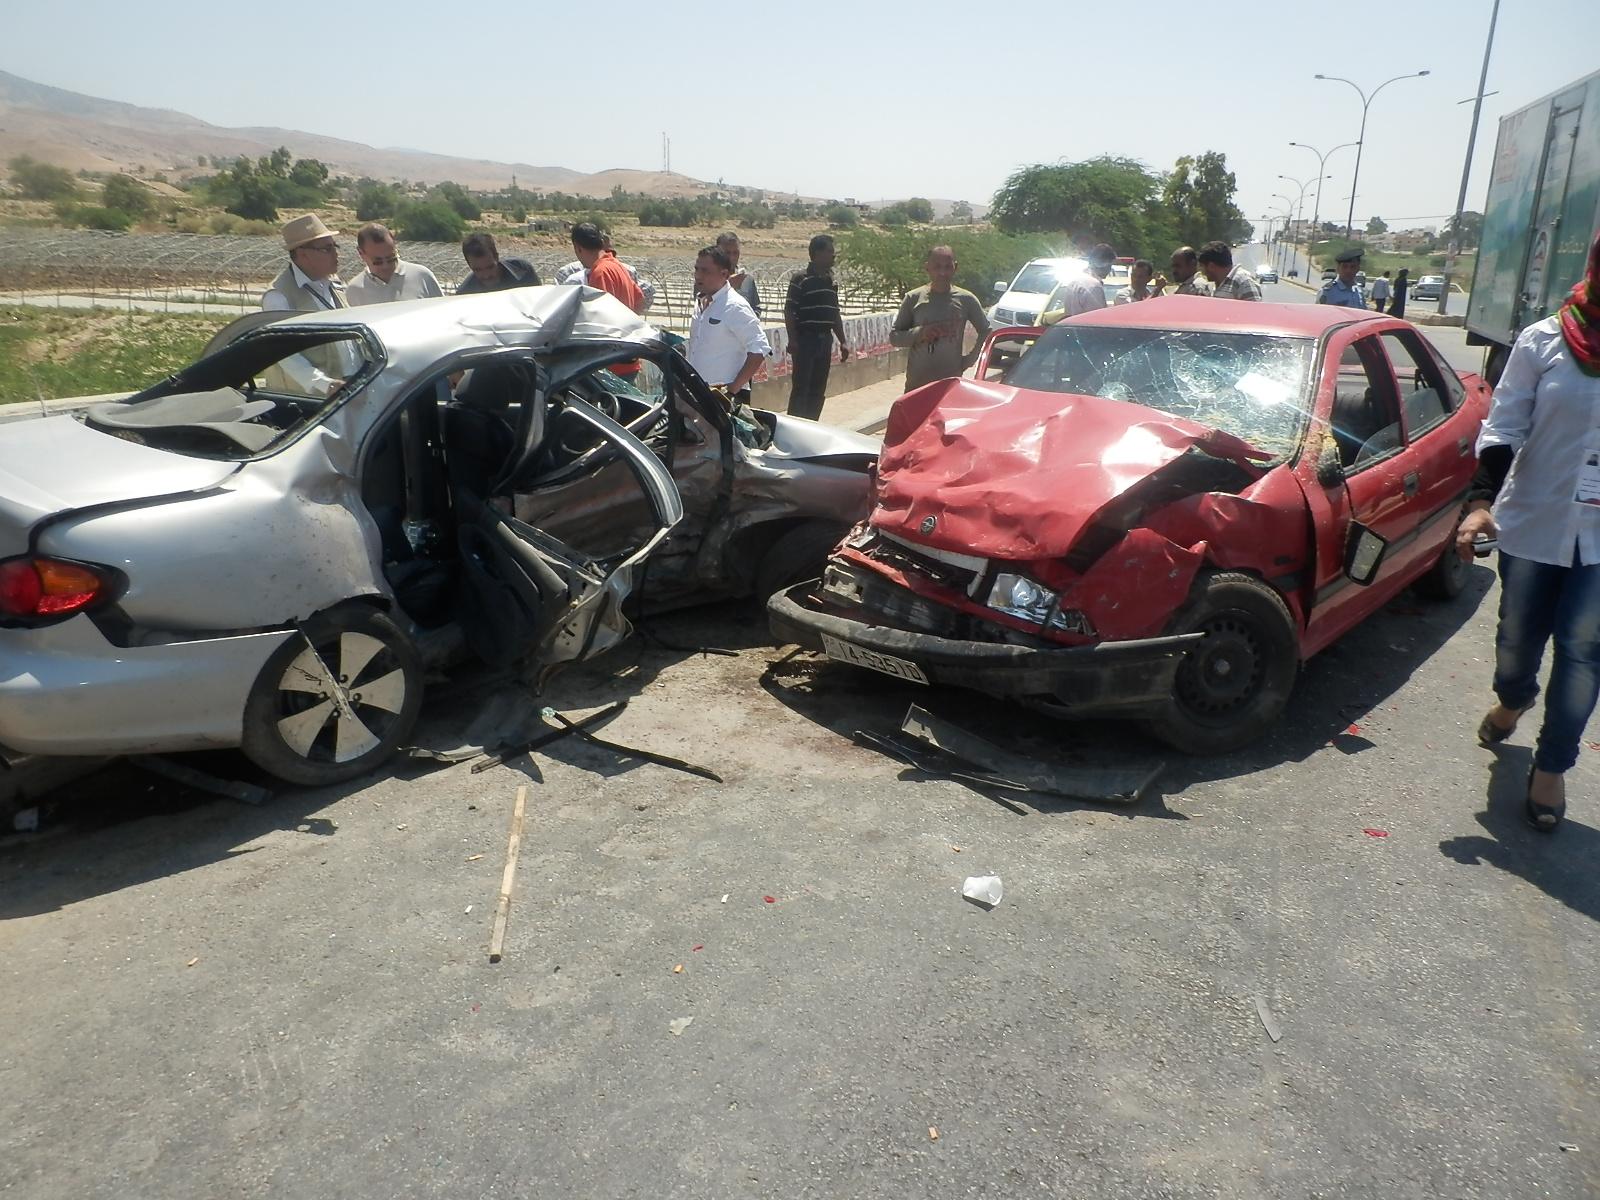 العقبة: وفاة عشريني بحادث تصادم